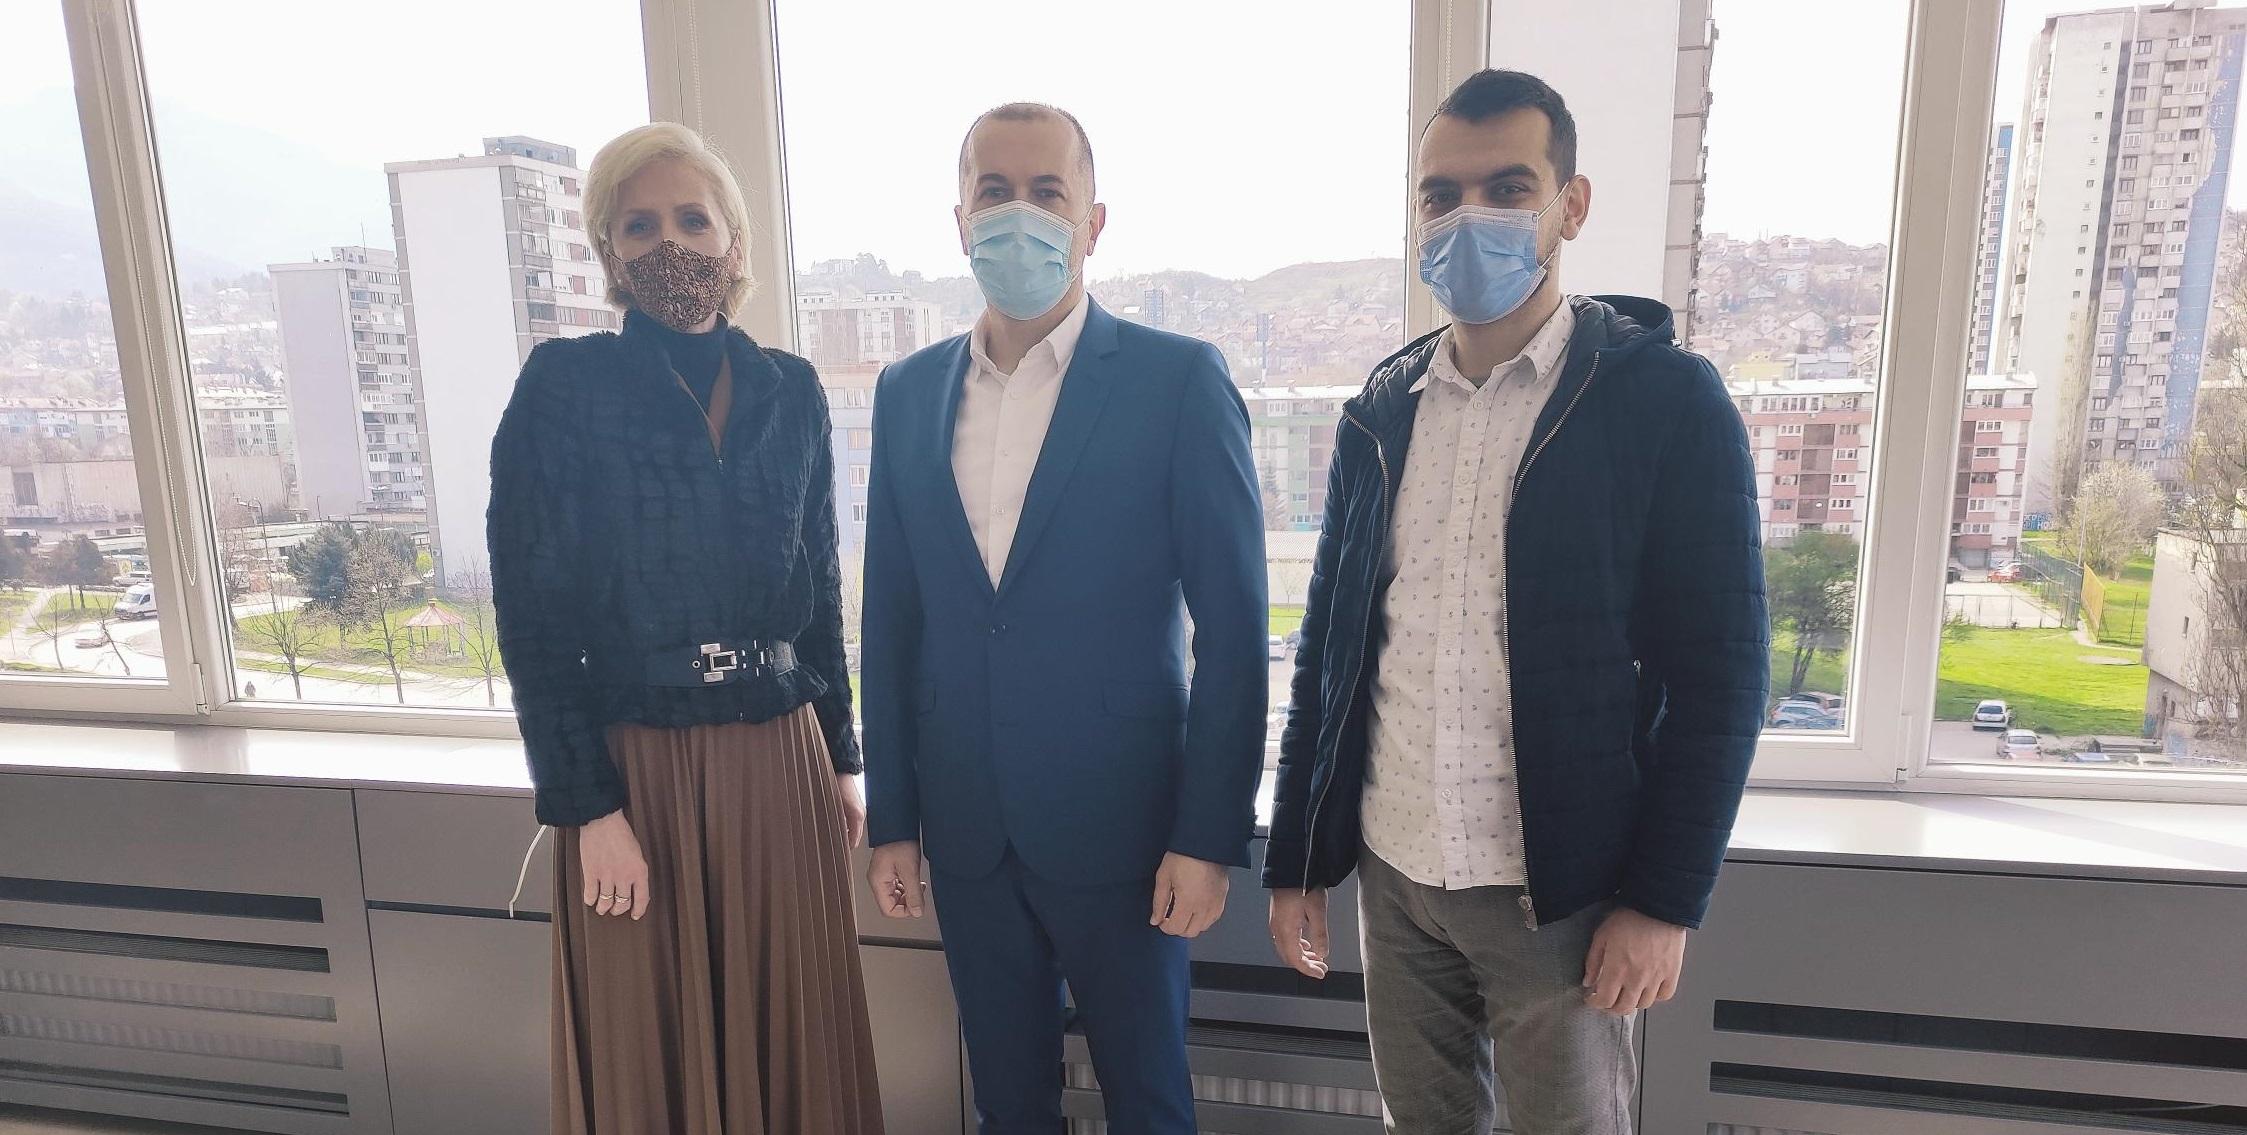 Načelnik Općine Novo Sarajevo Hasan Tanović primio vijećnike Koalicije Demokratska fronta-Građanski savez